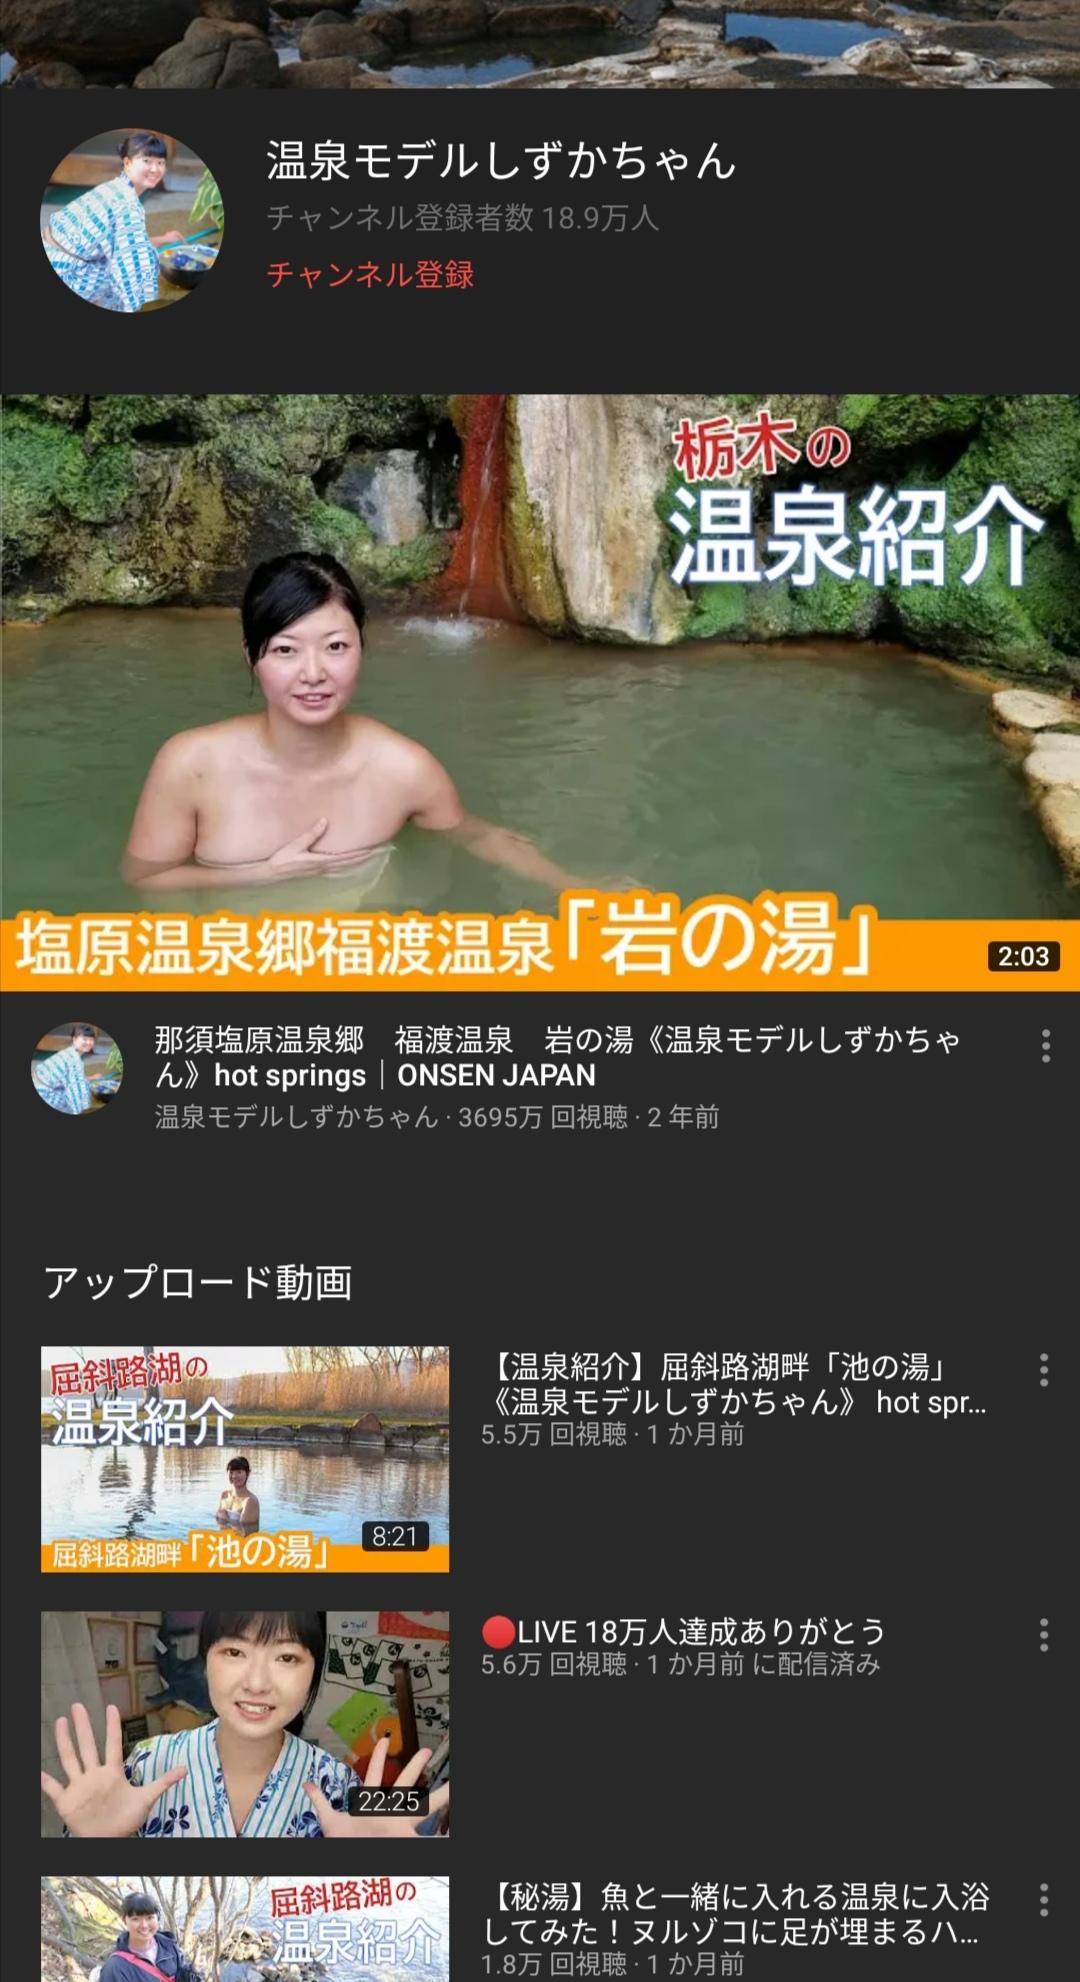 【画像】女子、温泉に入るだけで3000万回も再生されてしまう